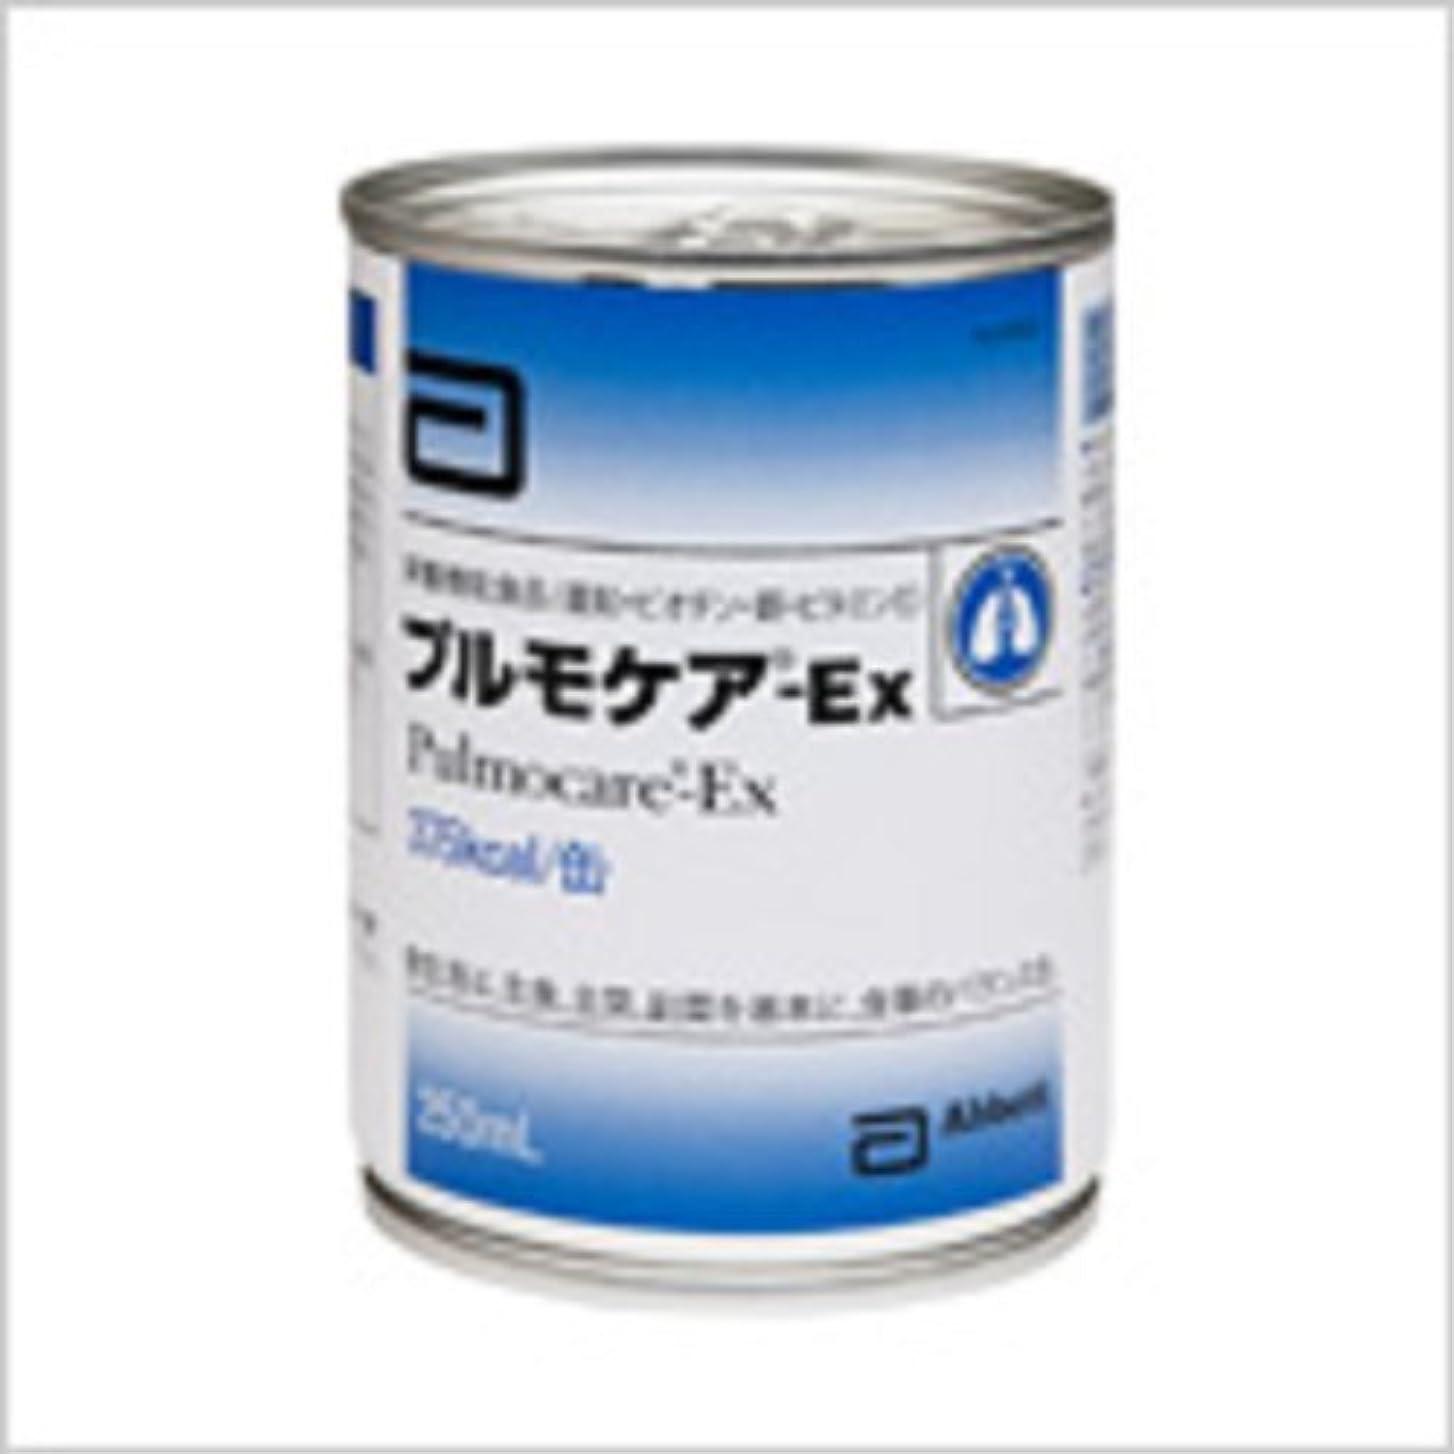 不健康寄託確認してくださいプルモケア-EX 250ml×24缶